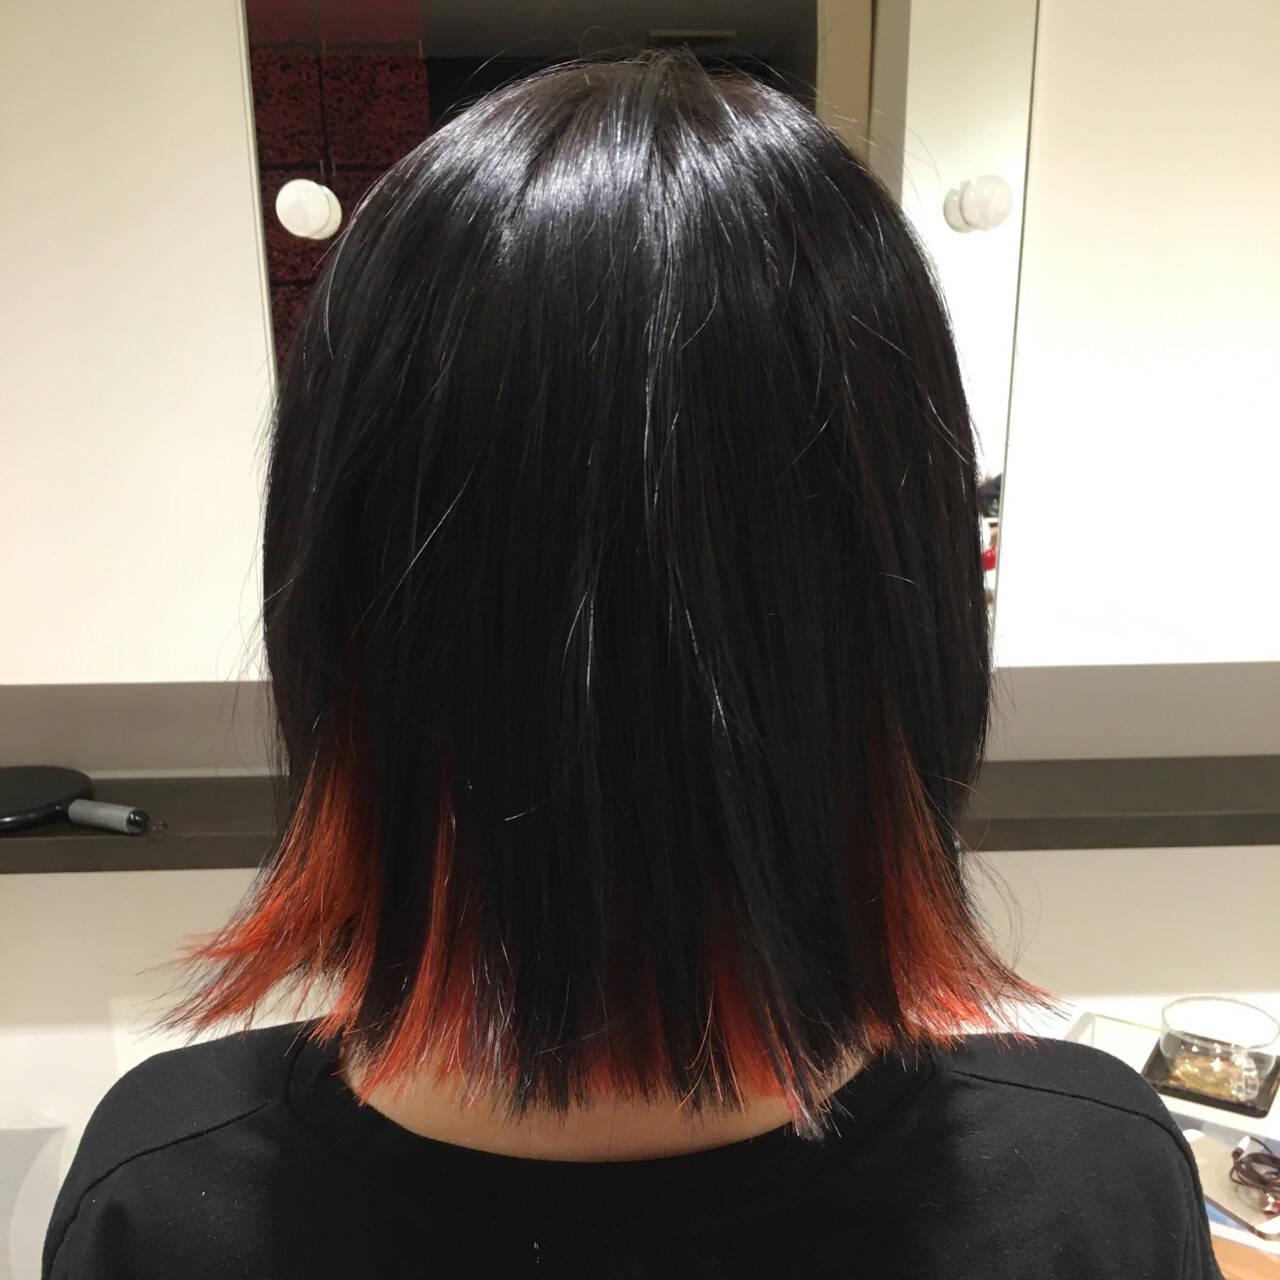 インナーカラー オレンジ ボブ 暗髪ヘアスタイルや髪型の写真・画像